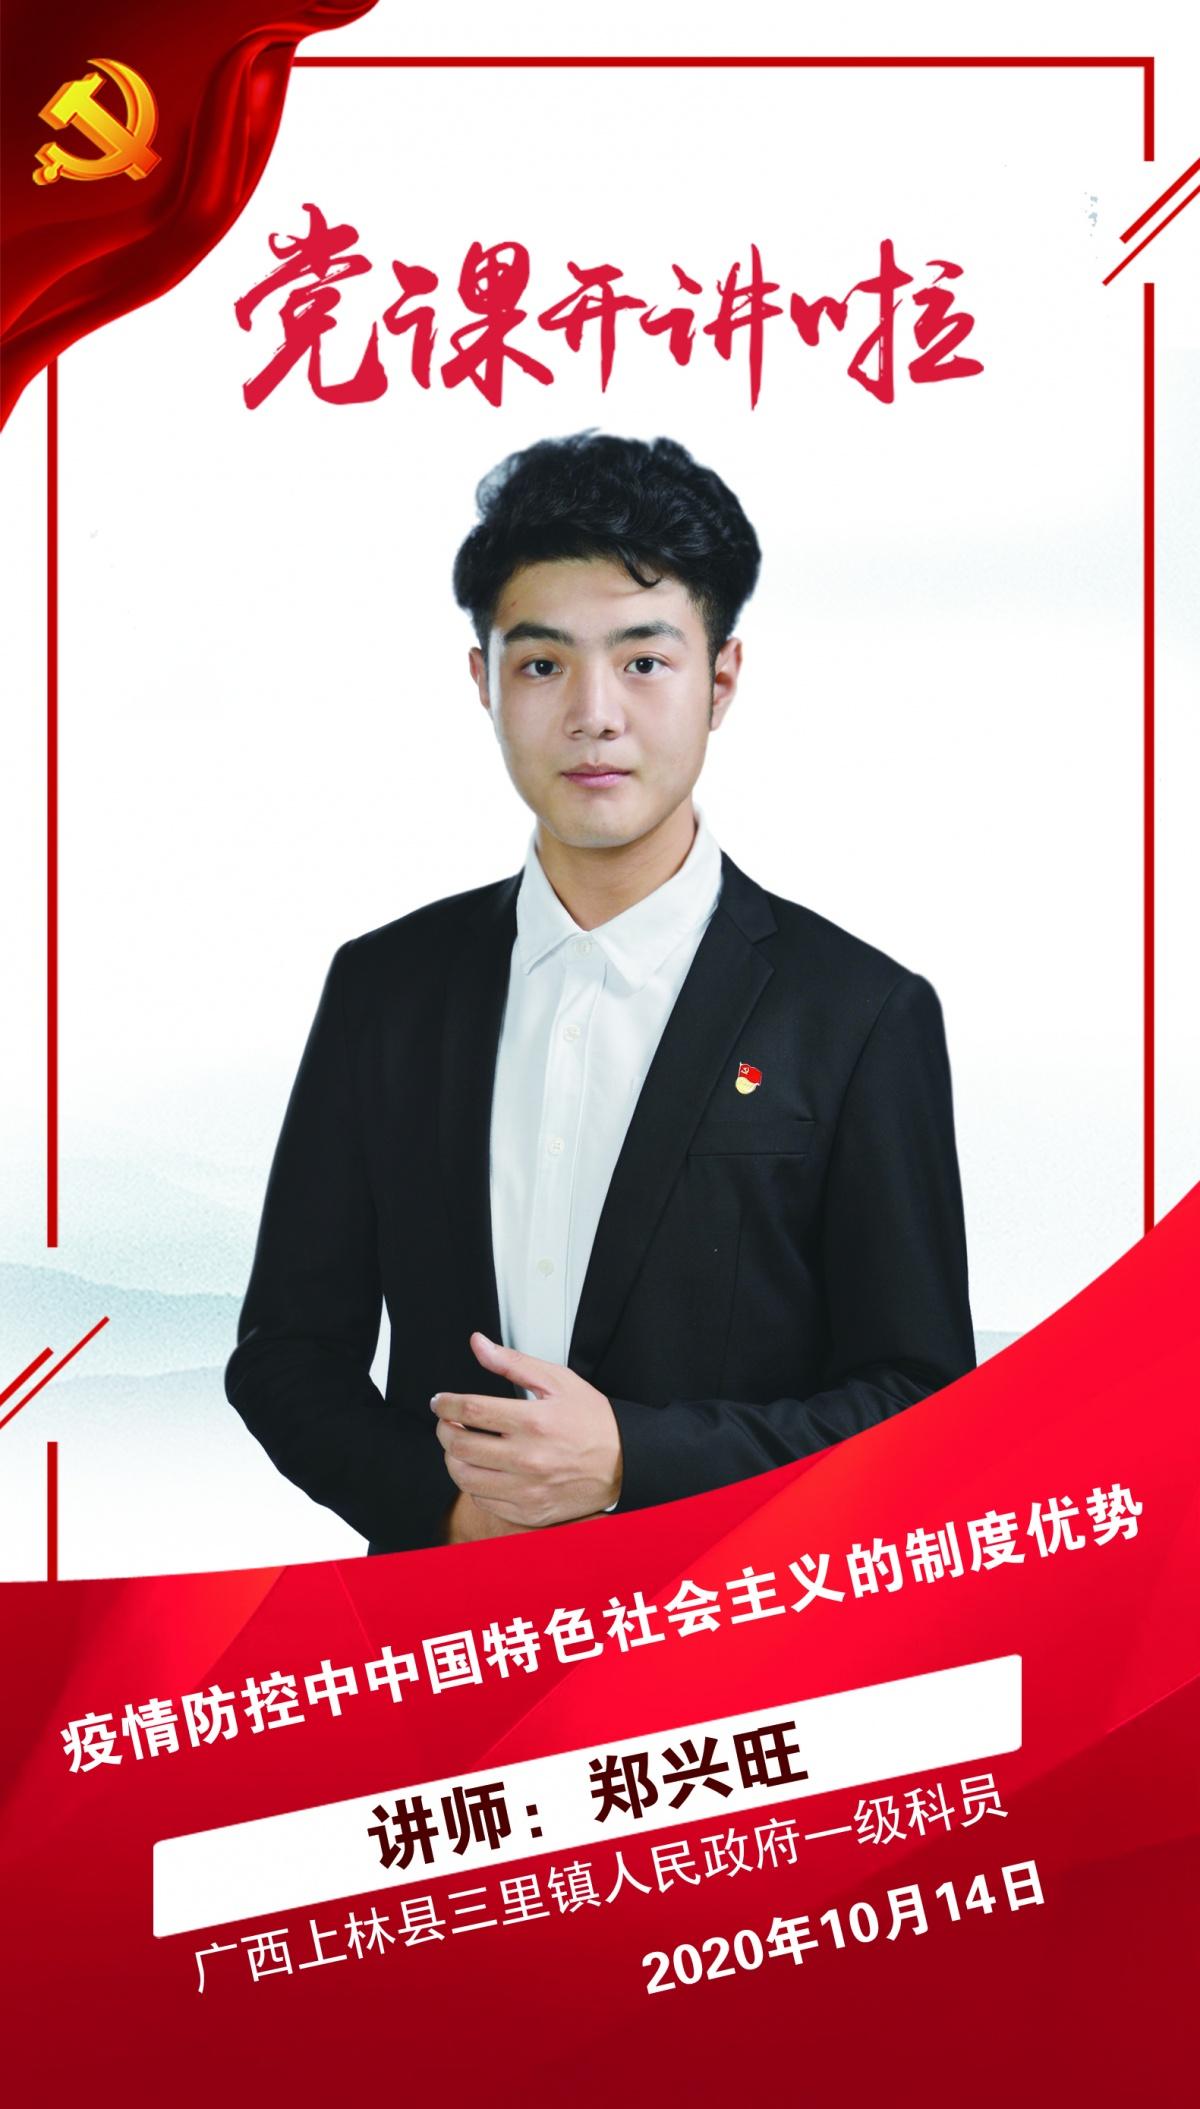 郑兴旺——《疫情防控中中国特色社会主义的制度优势》